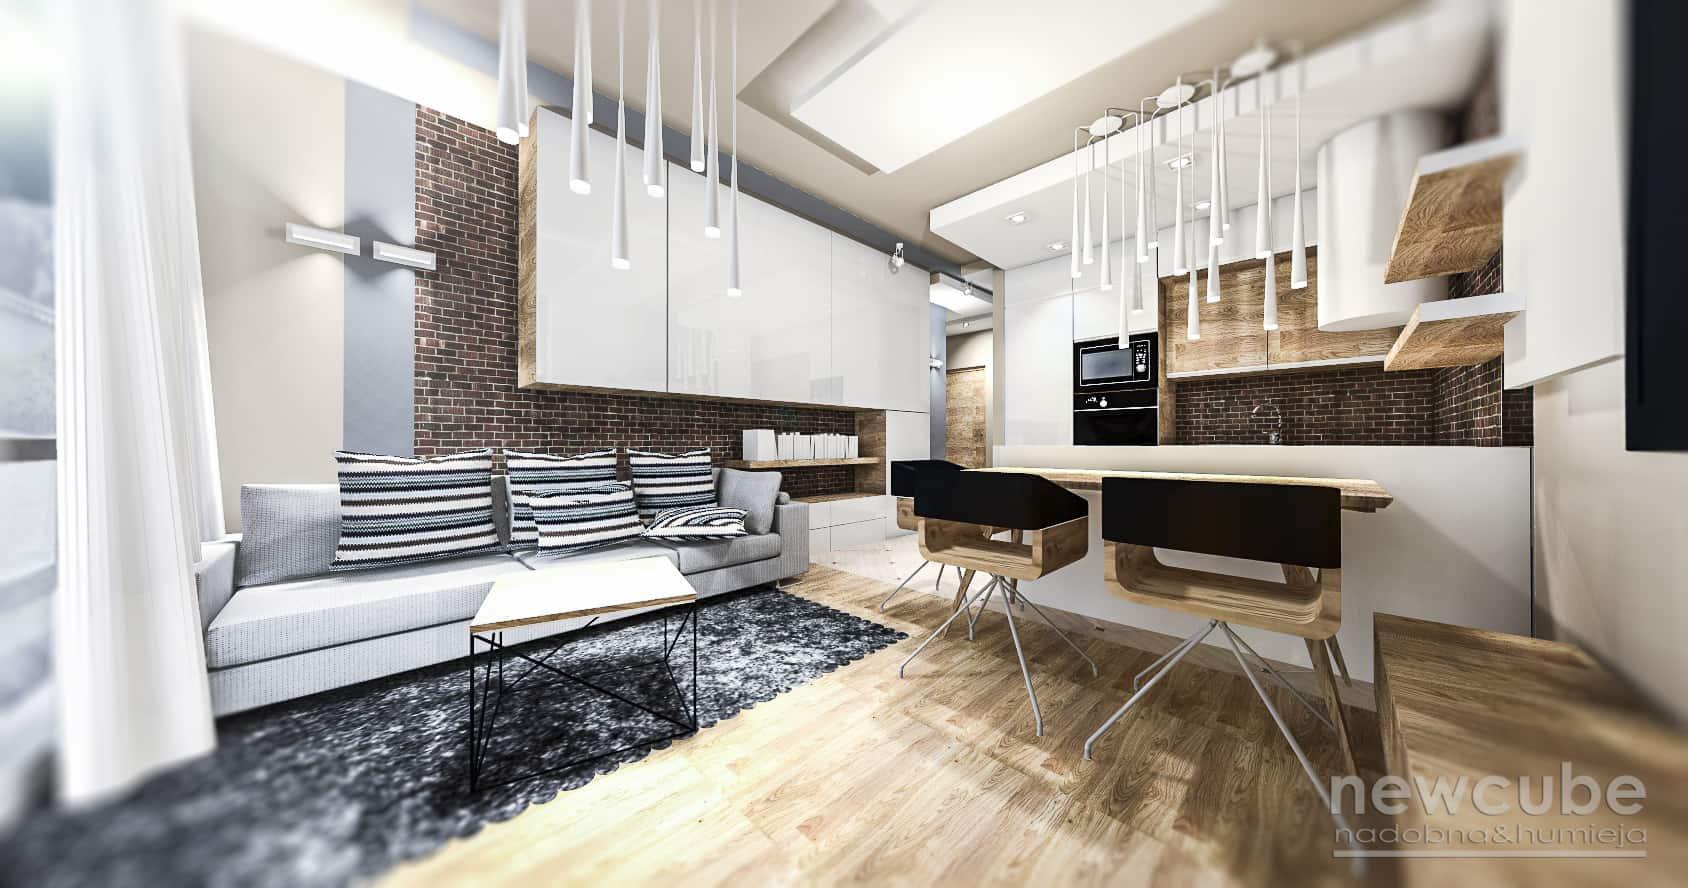 aranzacja-wnetrz-projekt-architekt-new-cube-14-14-09-2015